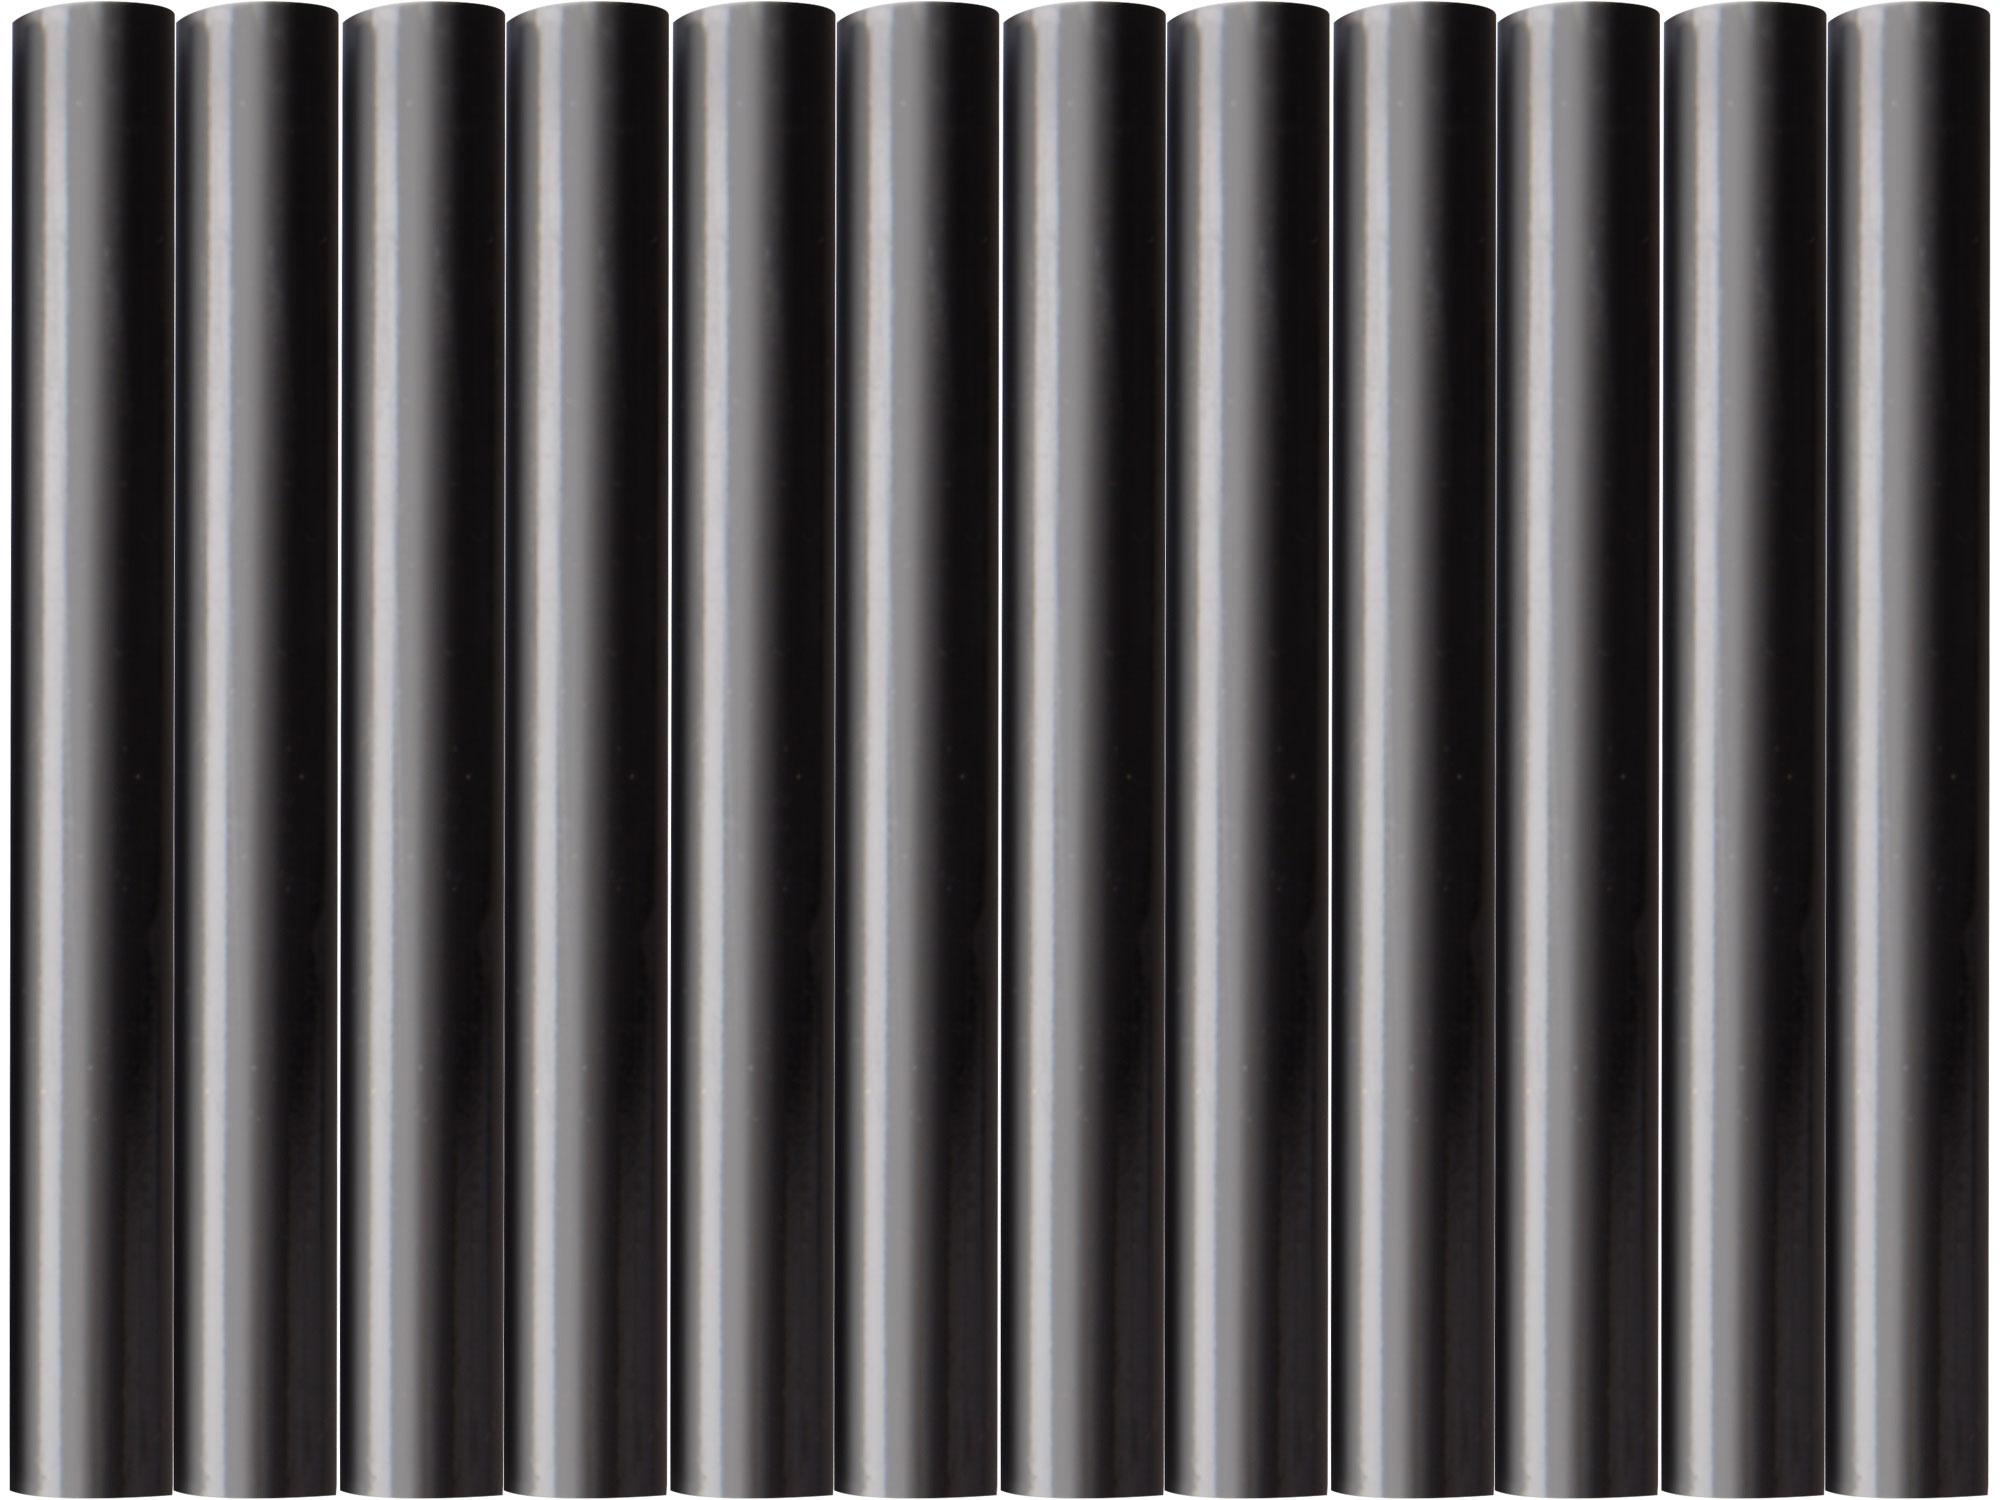 tyčinky tavné, černá barva, pr.11x100mm, 12ks 9913